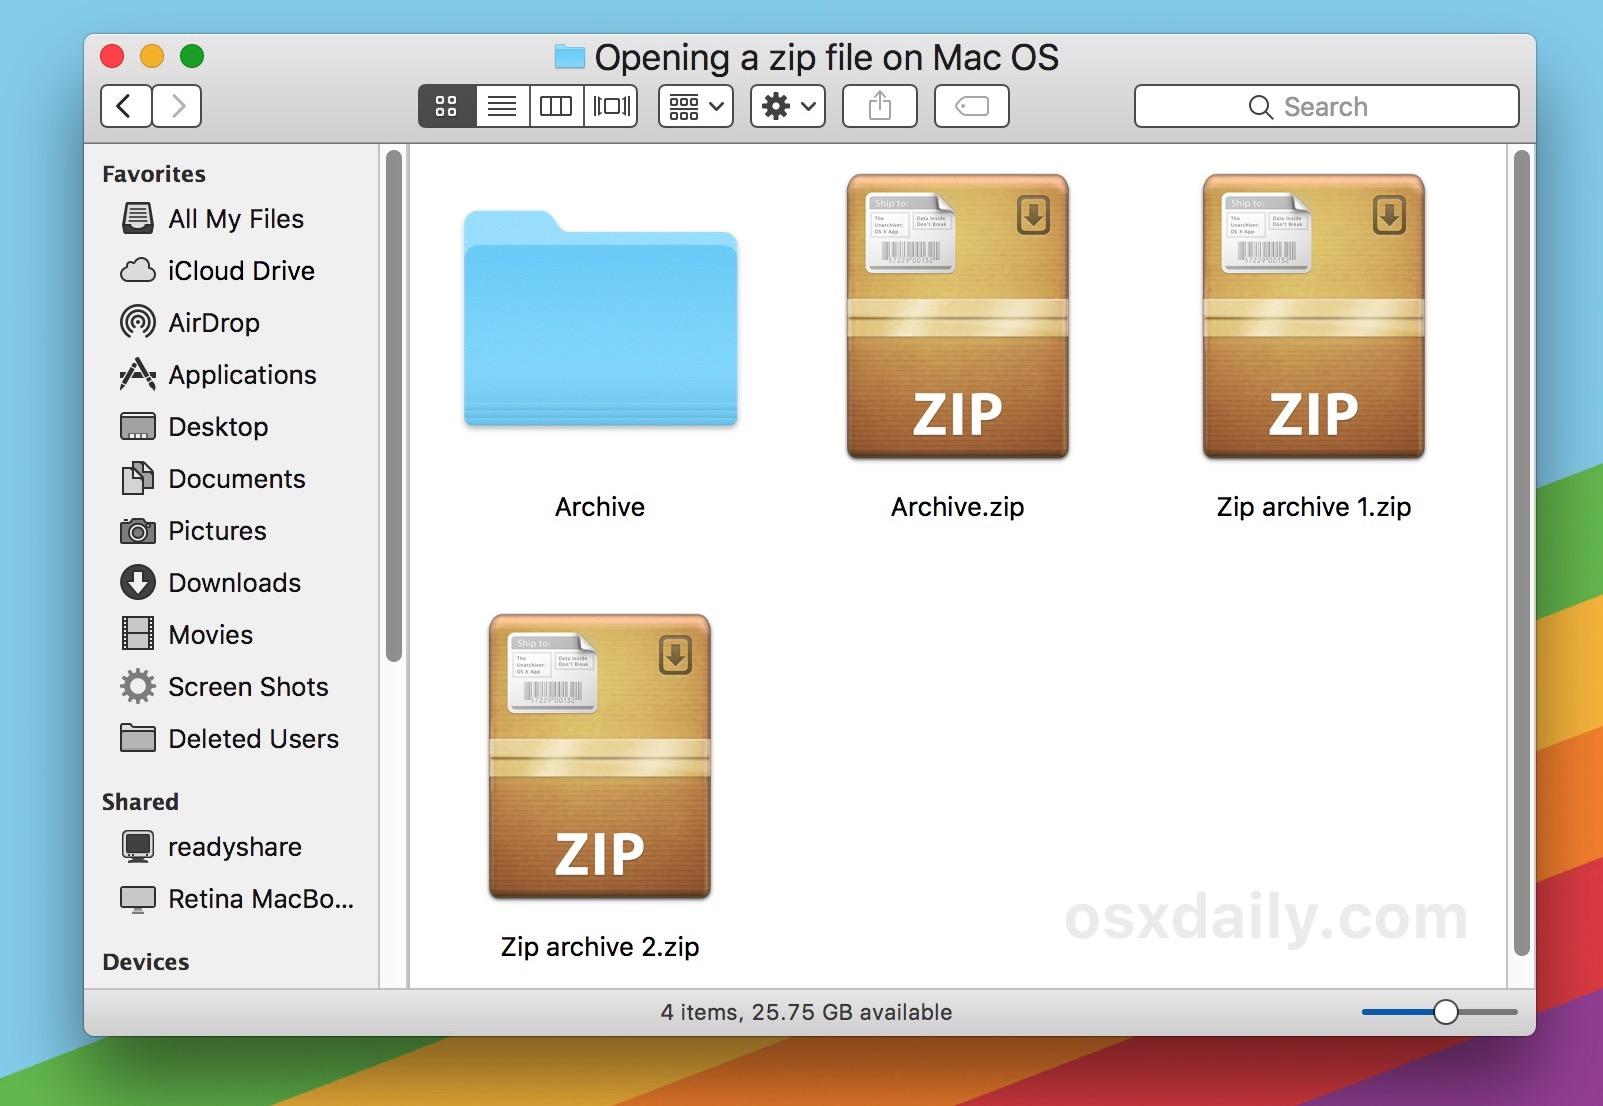 mac 7 zip file opener